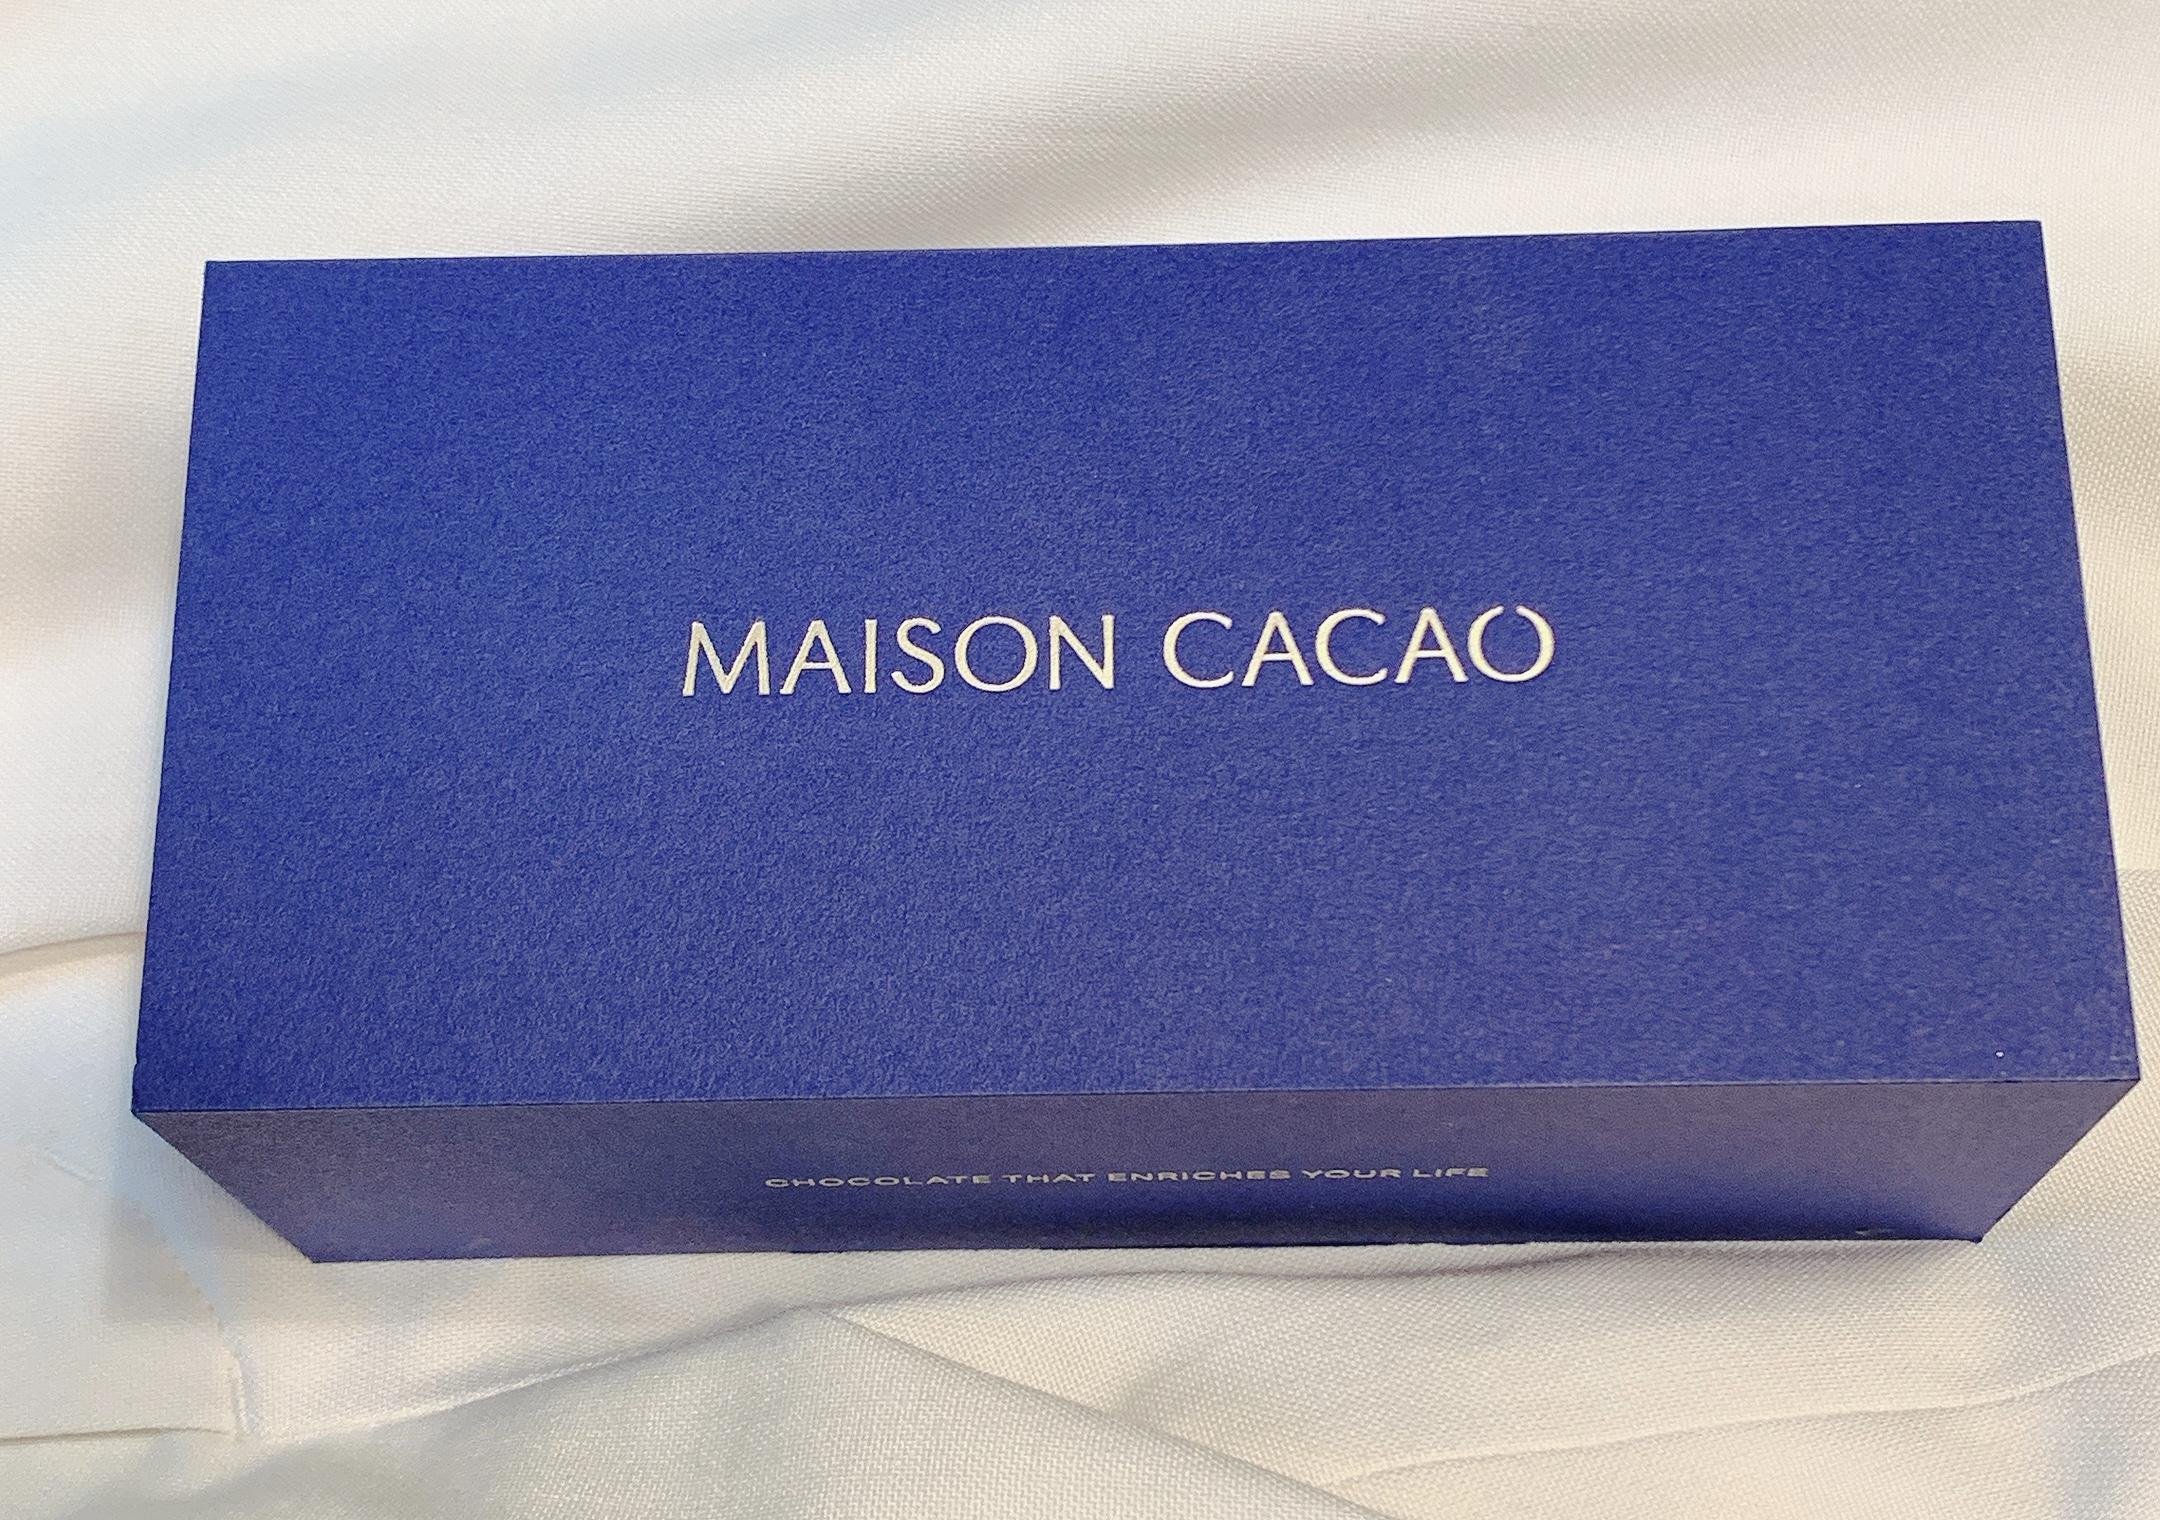 即位の礼のお手土産に選ばれた「MAISON CACAO」の生ガトーショコラが絶品過ぎる!?生チョコ風にフォンダンショコラ風でもいただける!最強スイーツ!バレンタインの催事で発見★おもたせ、手土産にも◎_1